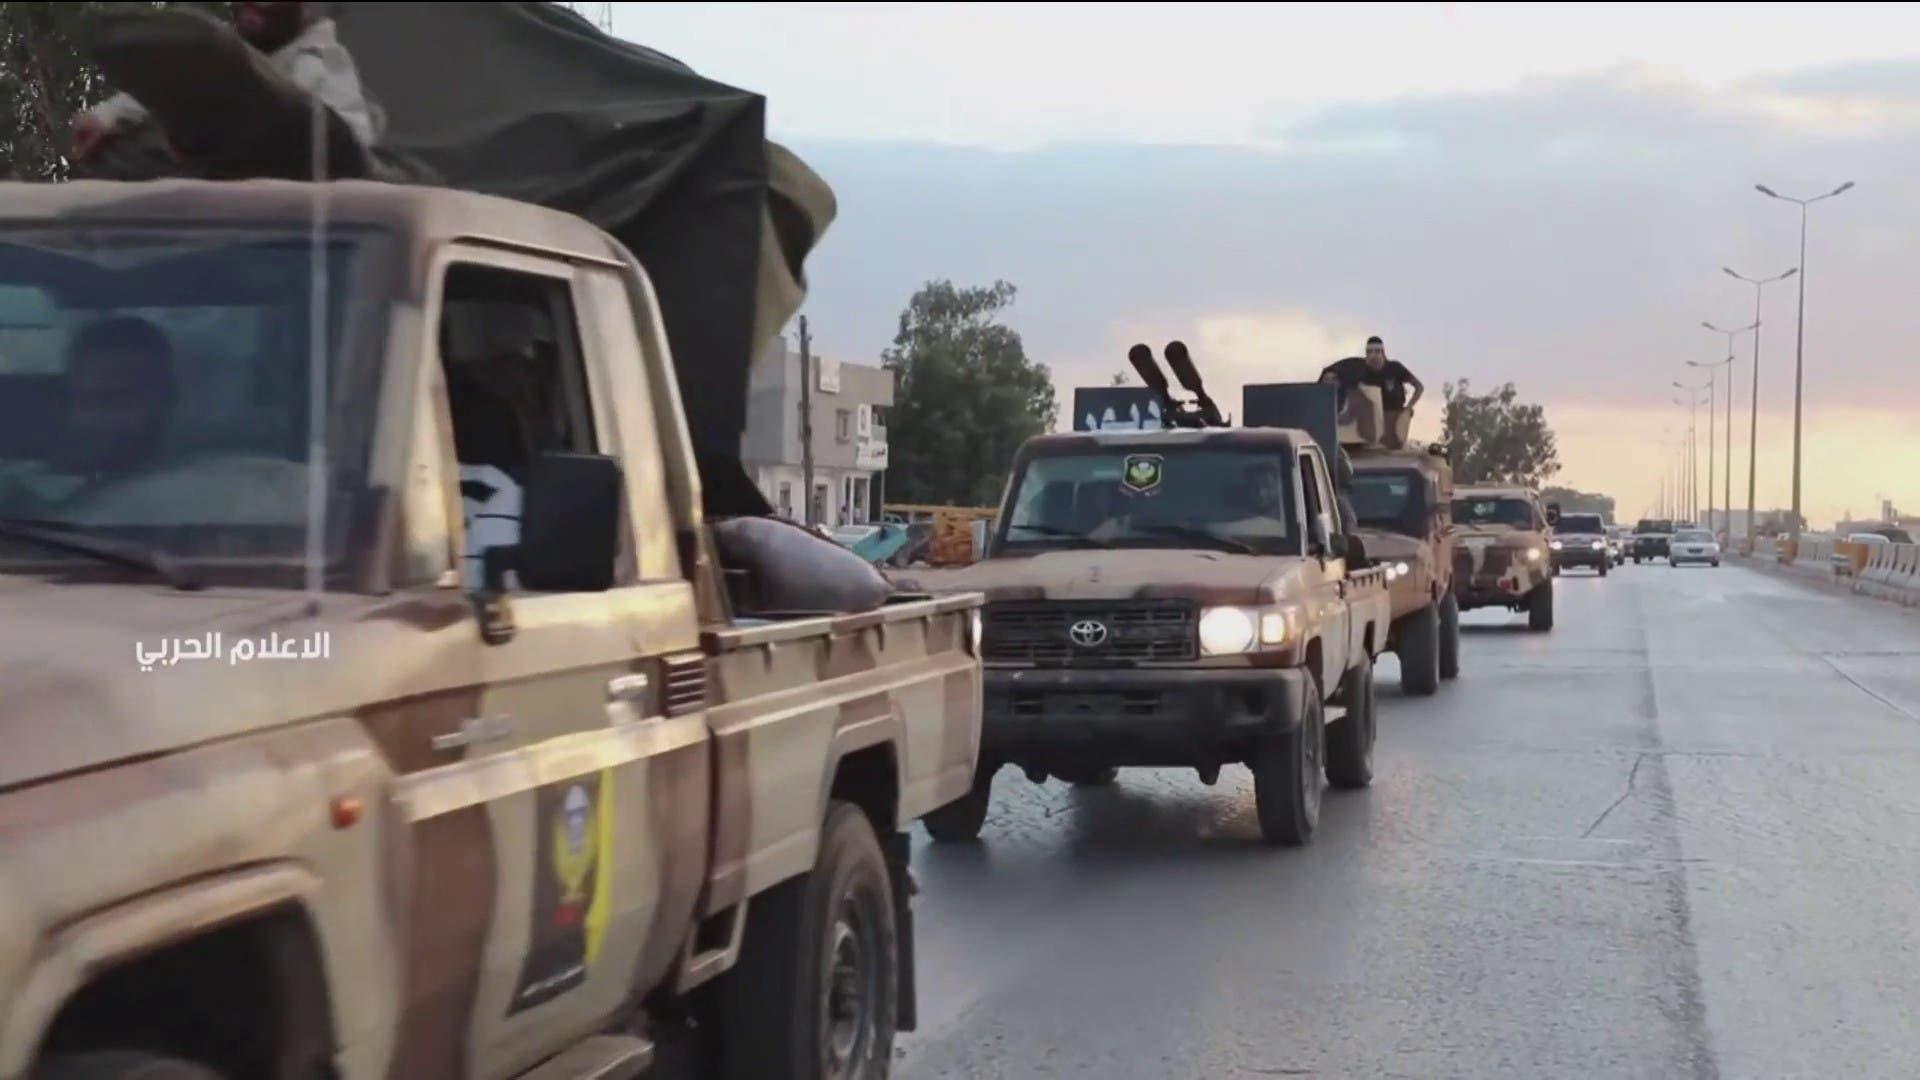 الجيش الليبي ينشر صوراً لتعزيزات دفع بها من بنغازي